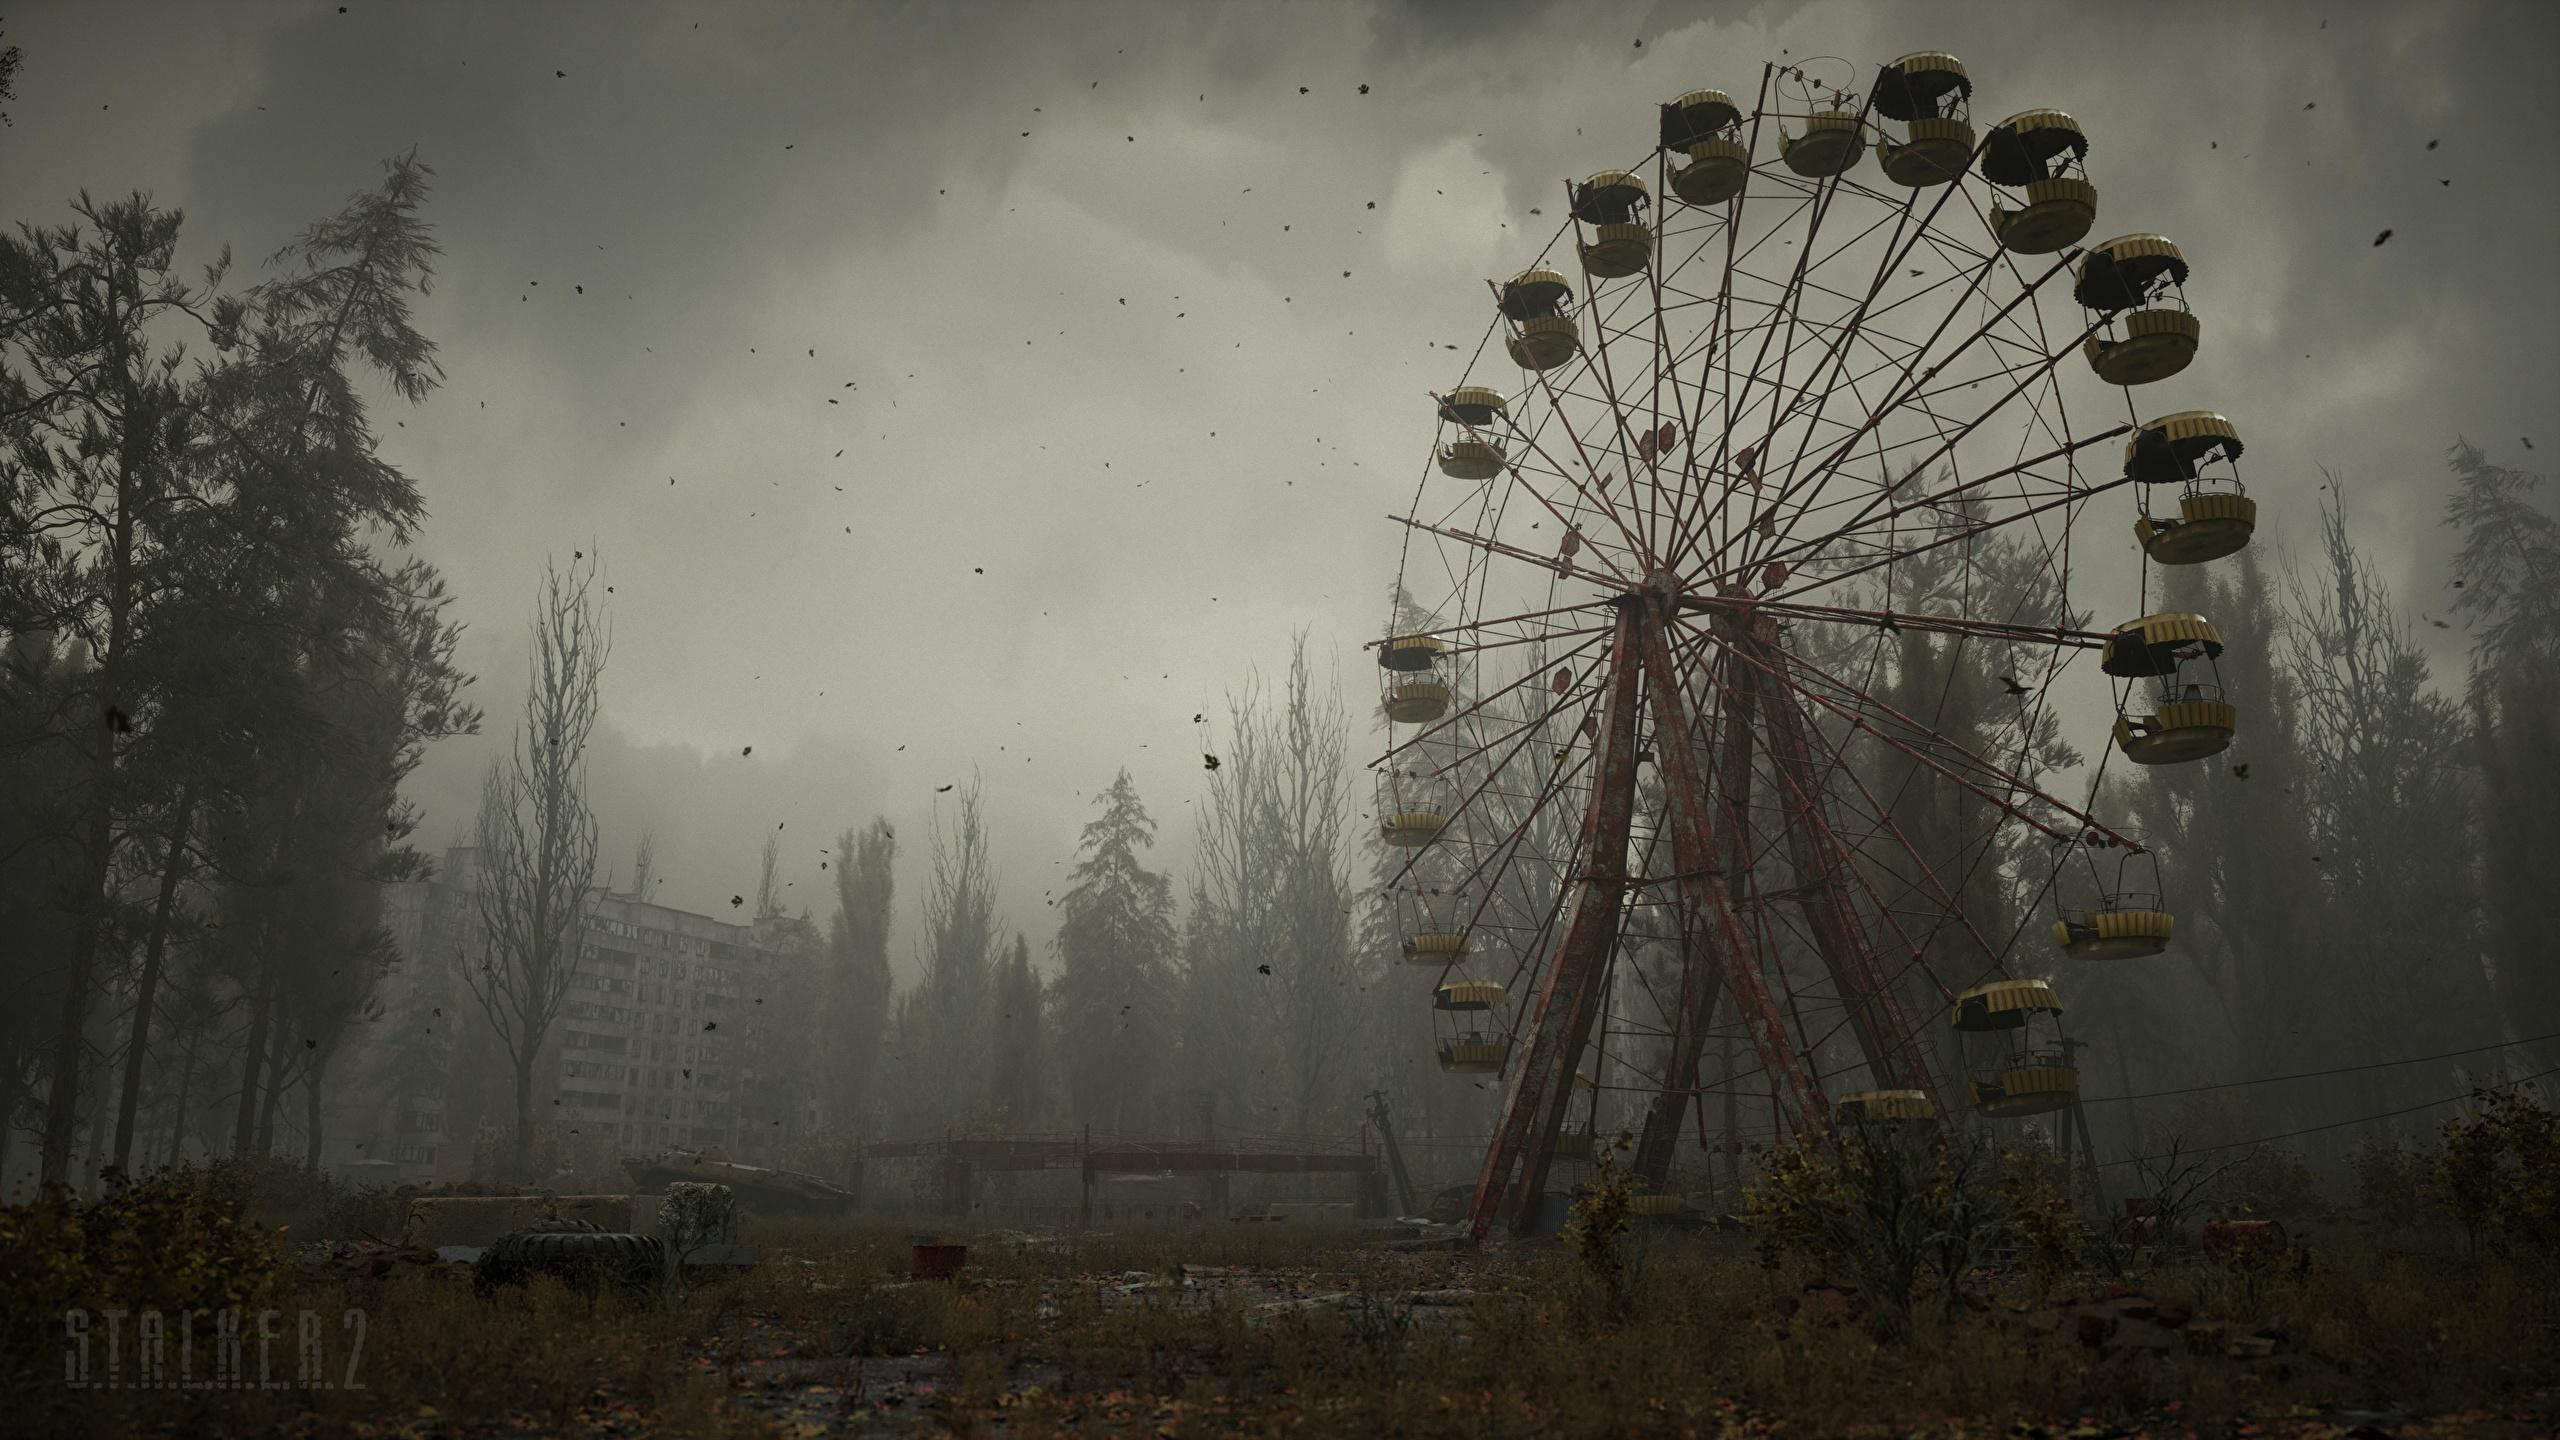 Фото Сталкер 2 Чернобыль колесом обозрения Игры 2560x1440 STALKER 2 Колесо обозрения компьютерная игра